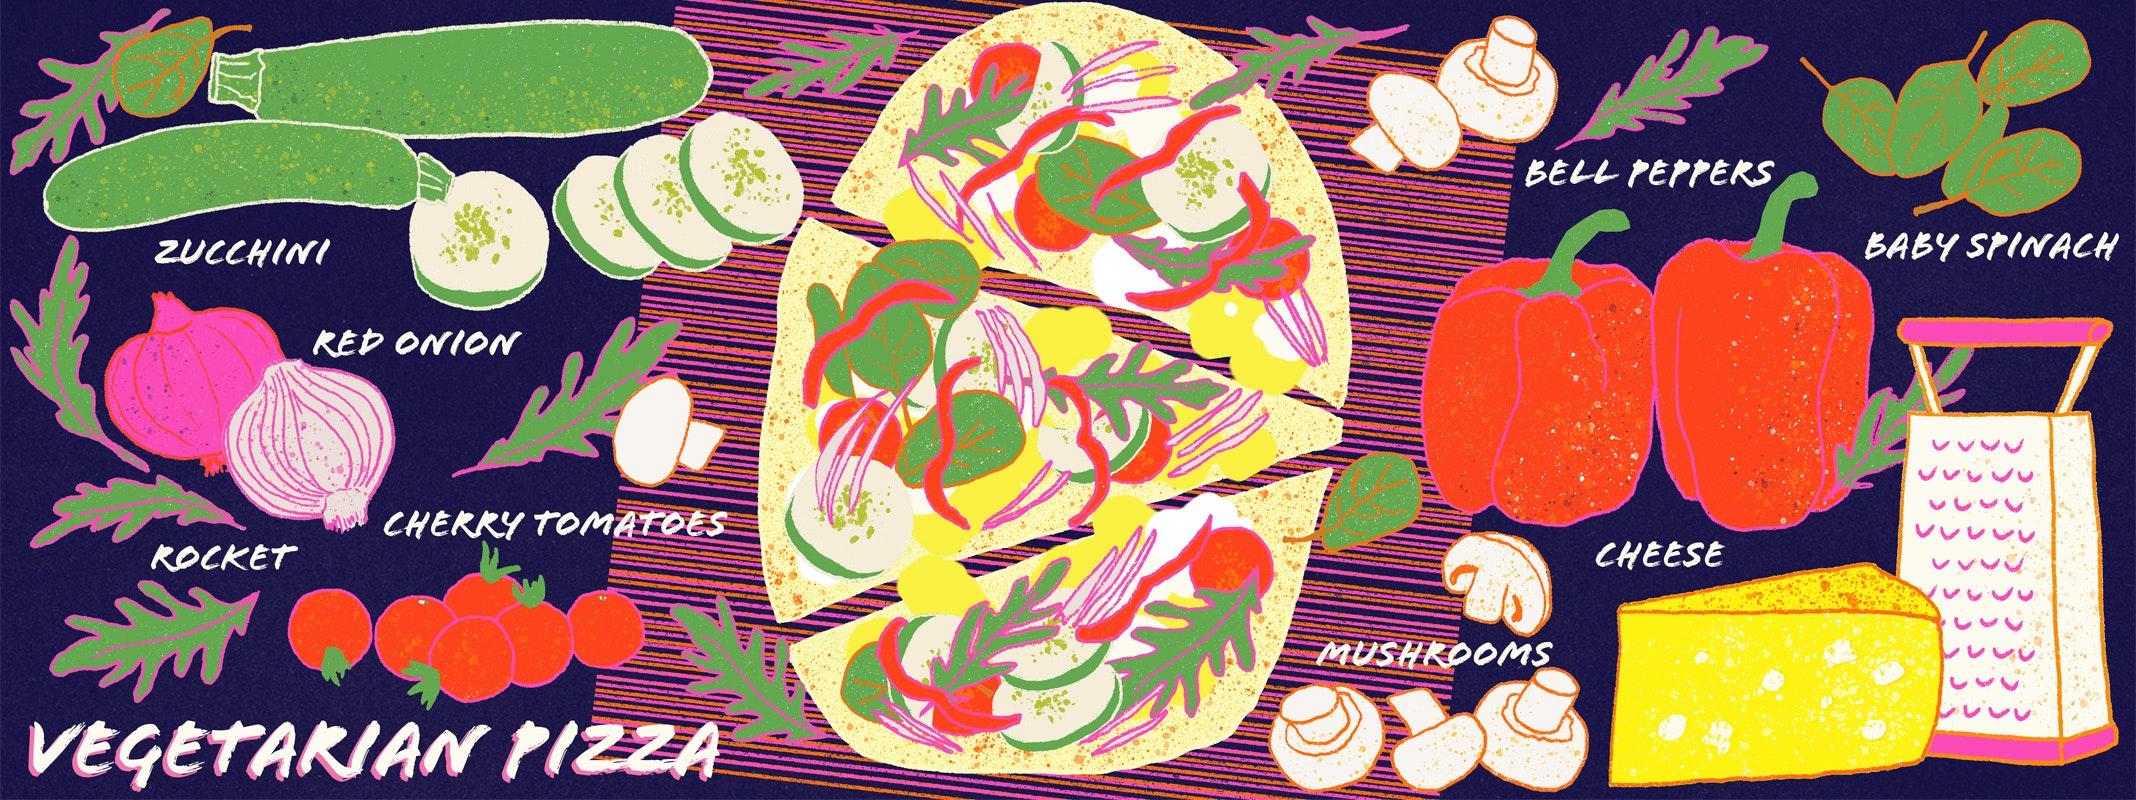 MILICA GOLUBOVIC - Milica_Golubovic_Pizza-recipe-web